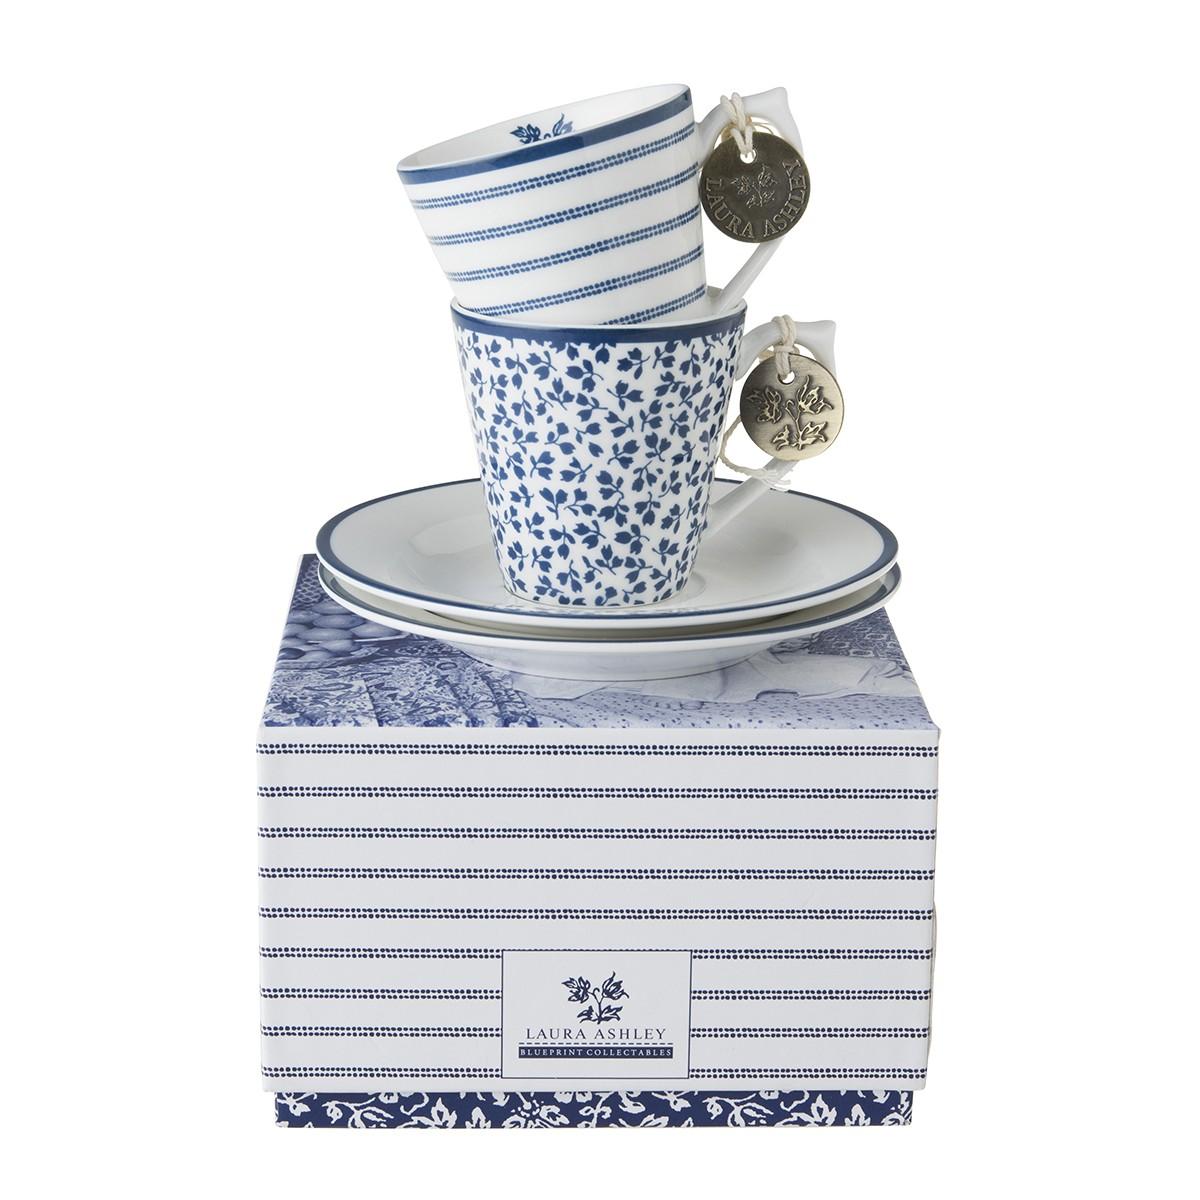 Φλιτζάνι Espresso Laura Ashley Σετ 2τμχ. Fine Bone China home   ειδη cafe τσαϊ   κούπες   φλυτζάνια